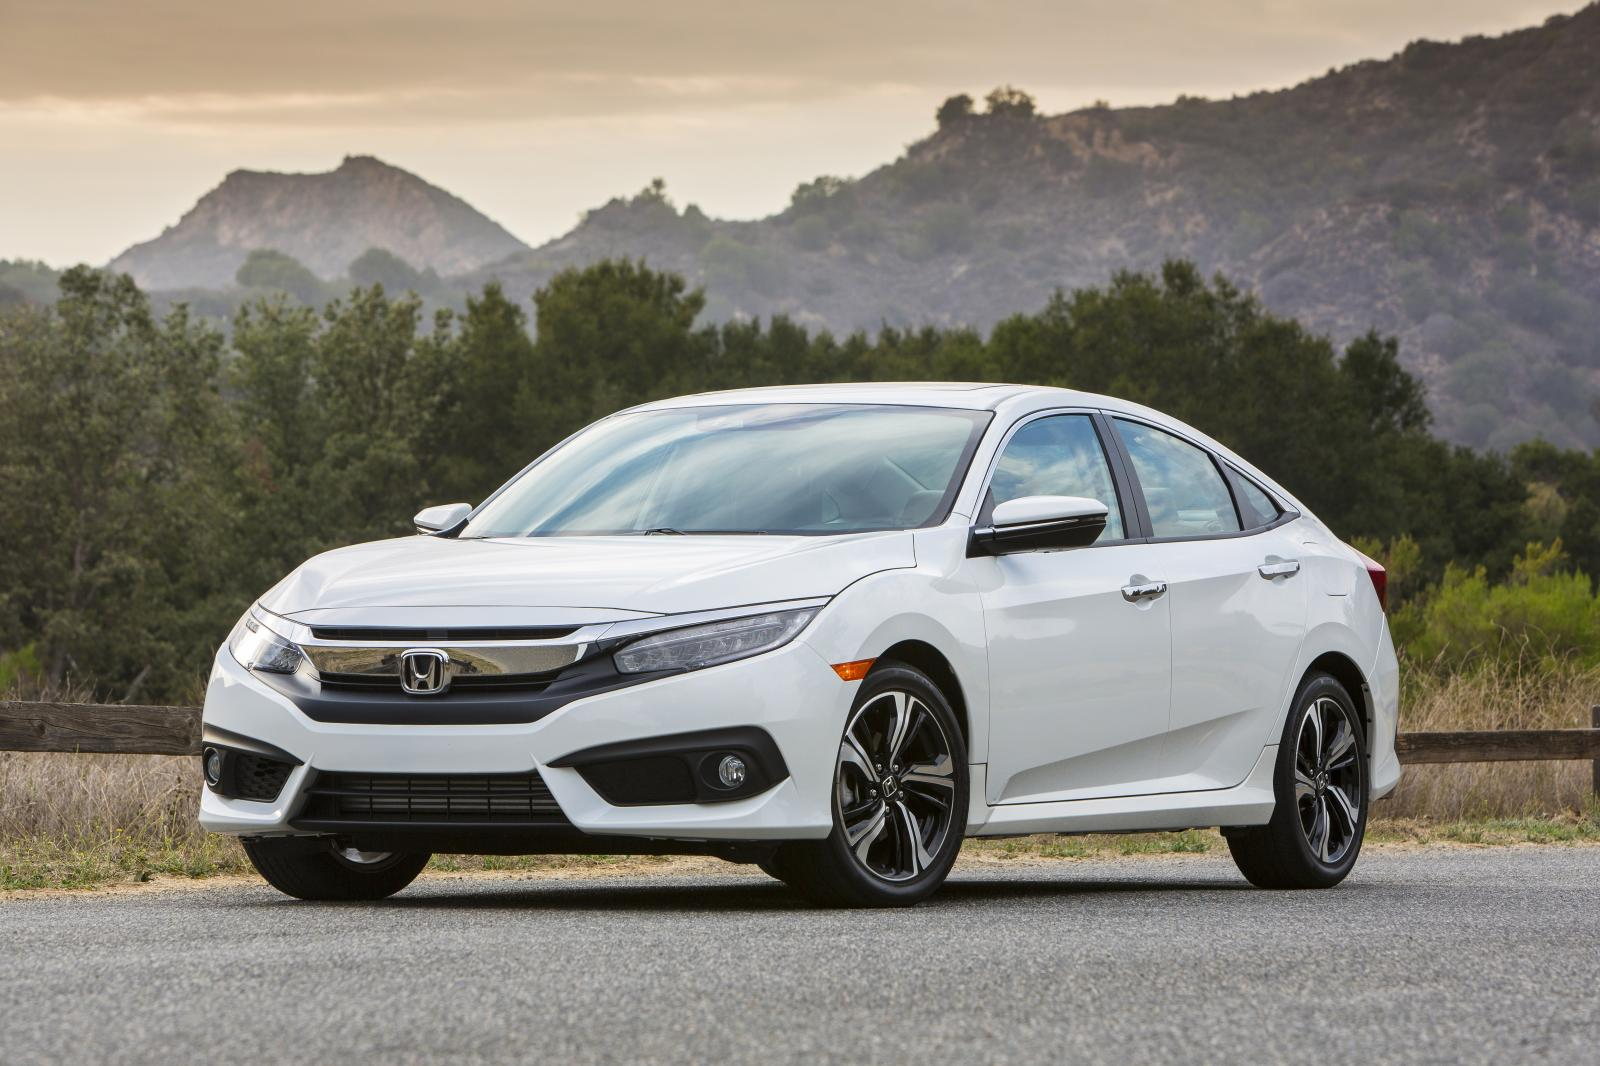 2016 Honda Civic Sedan Amerika Detaylı Resim Galerisi